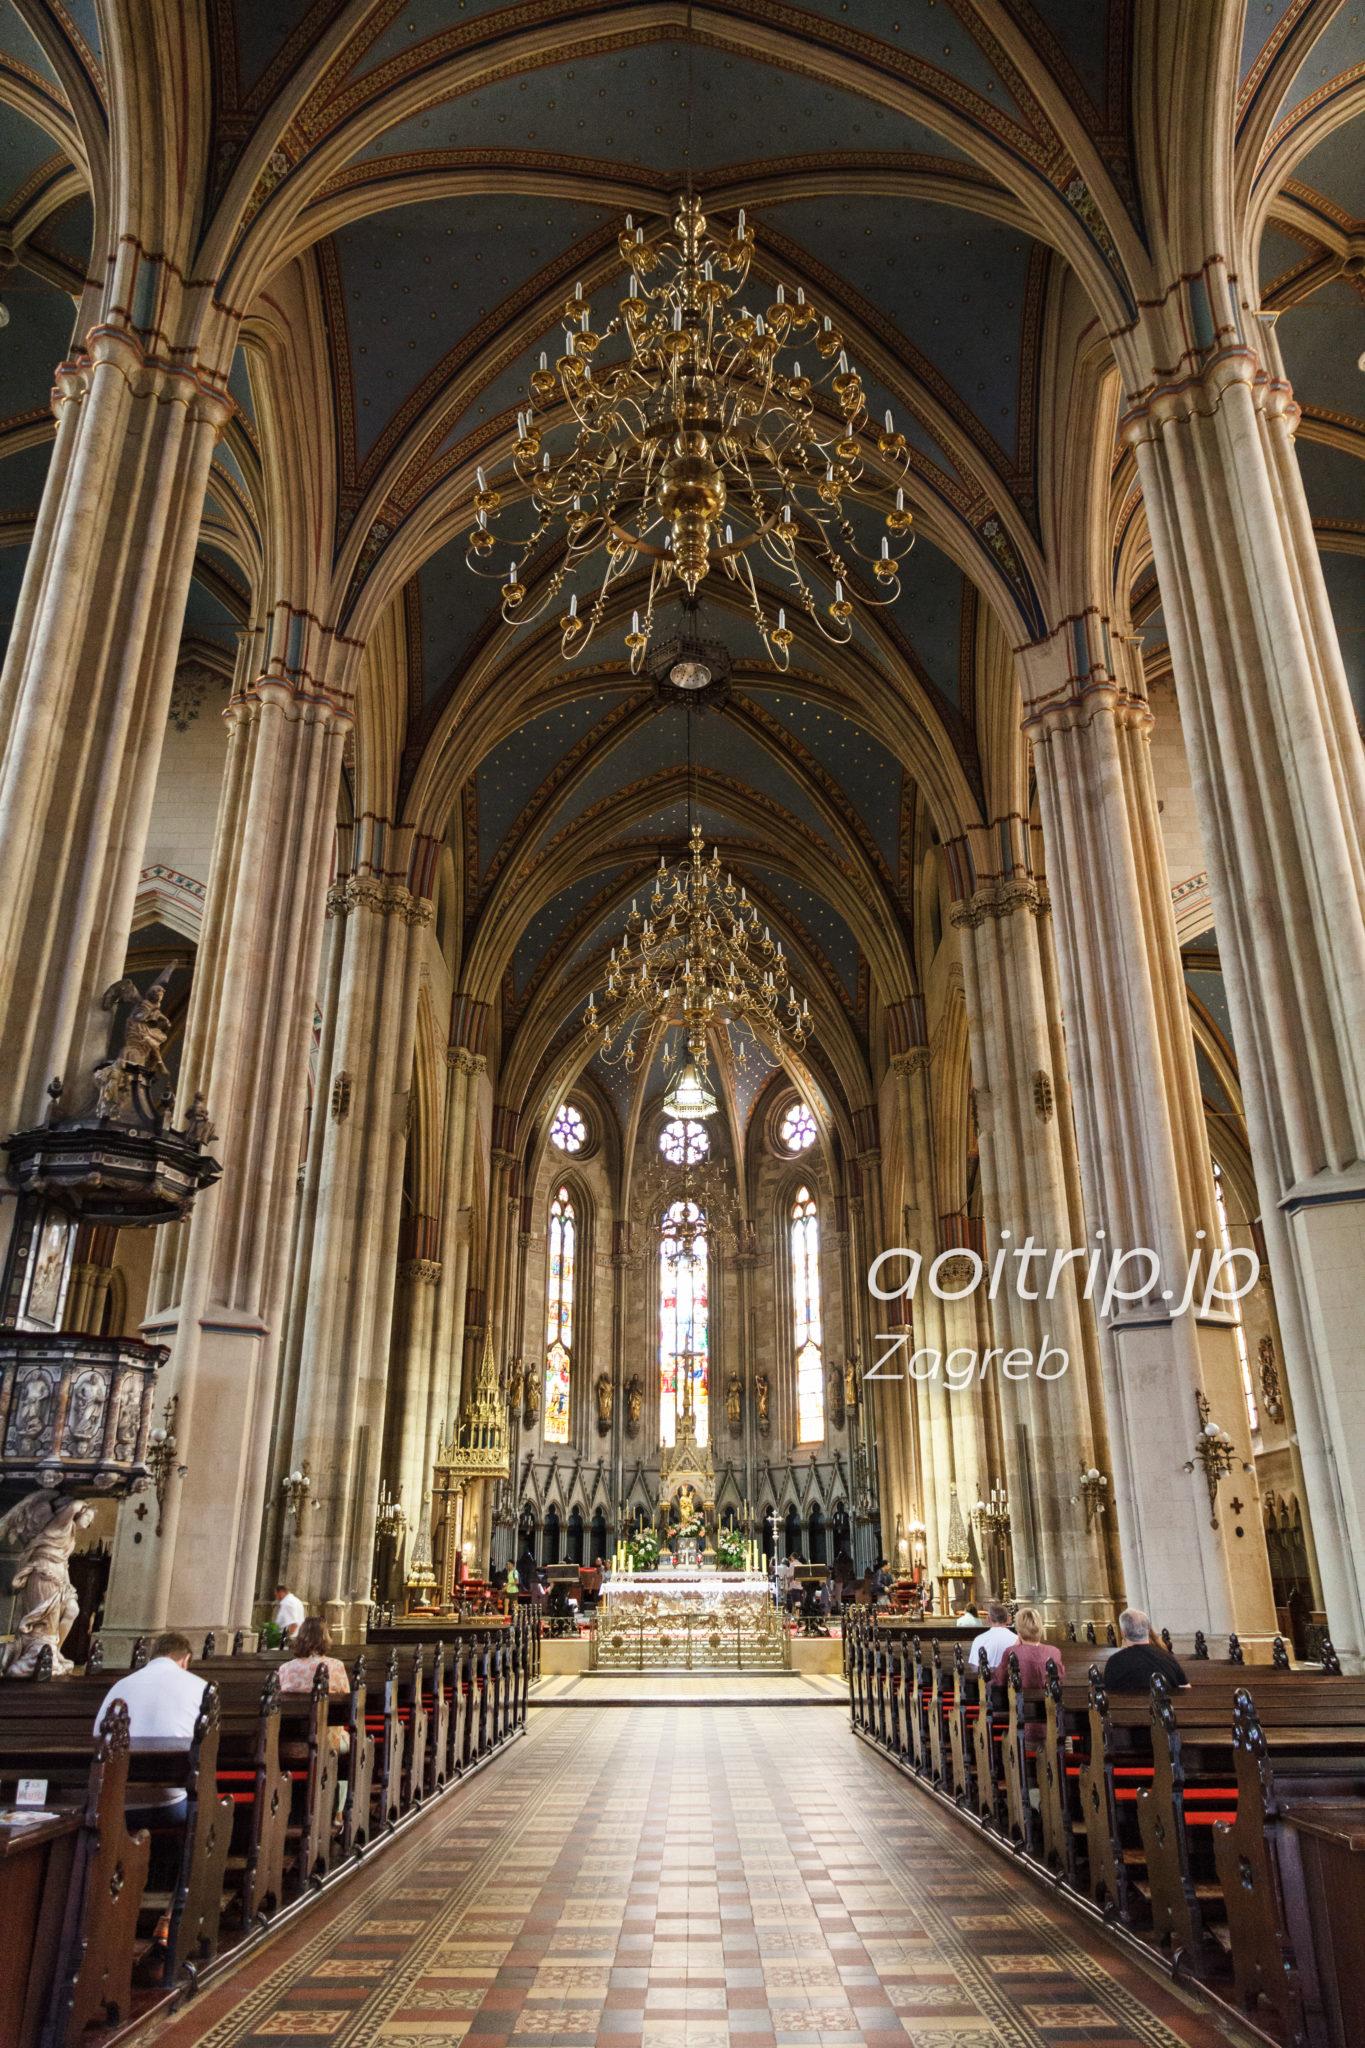 ザグレブ大聖堂 内部